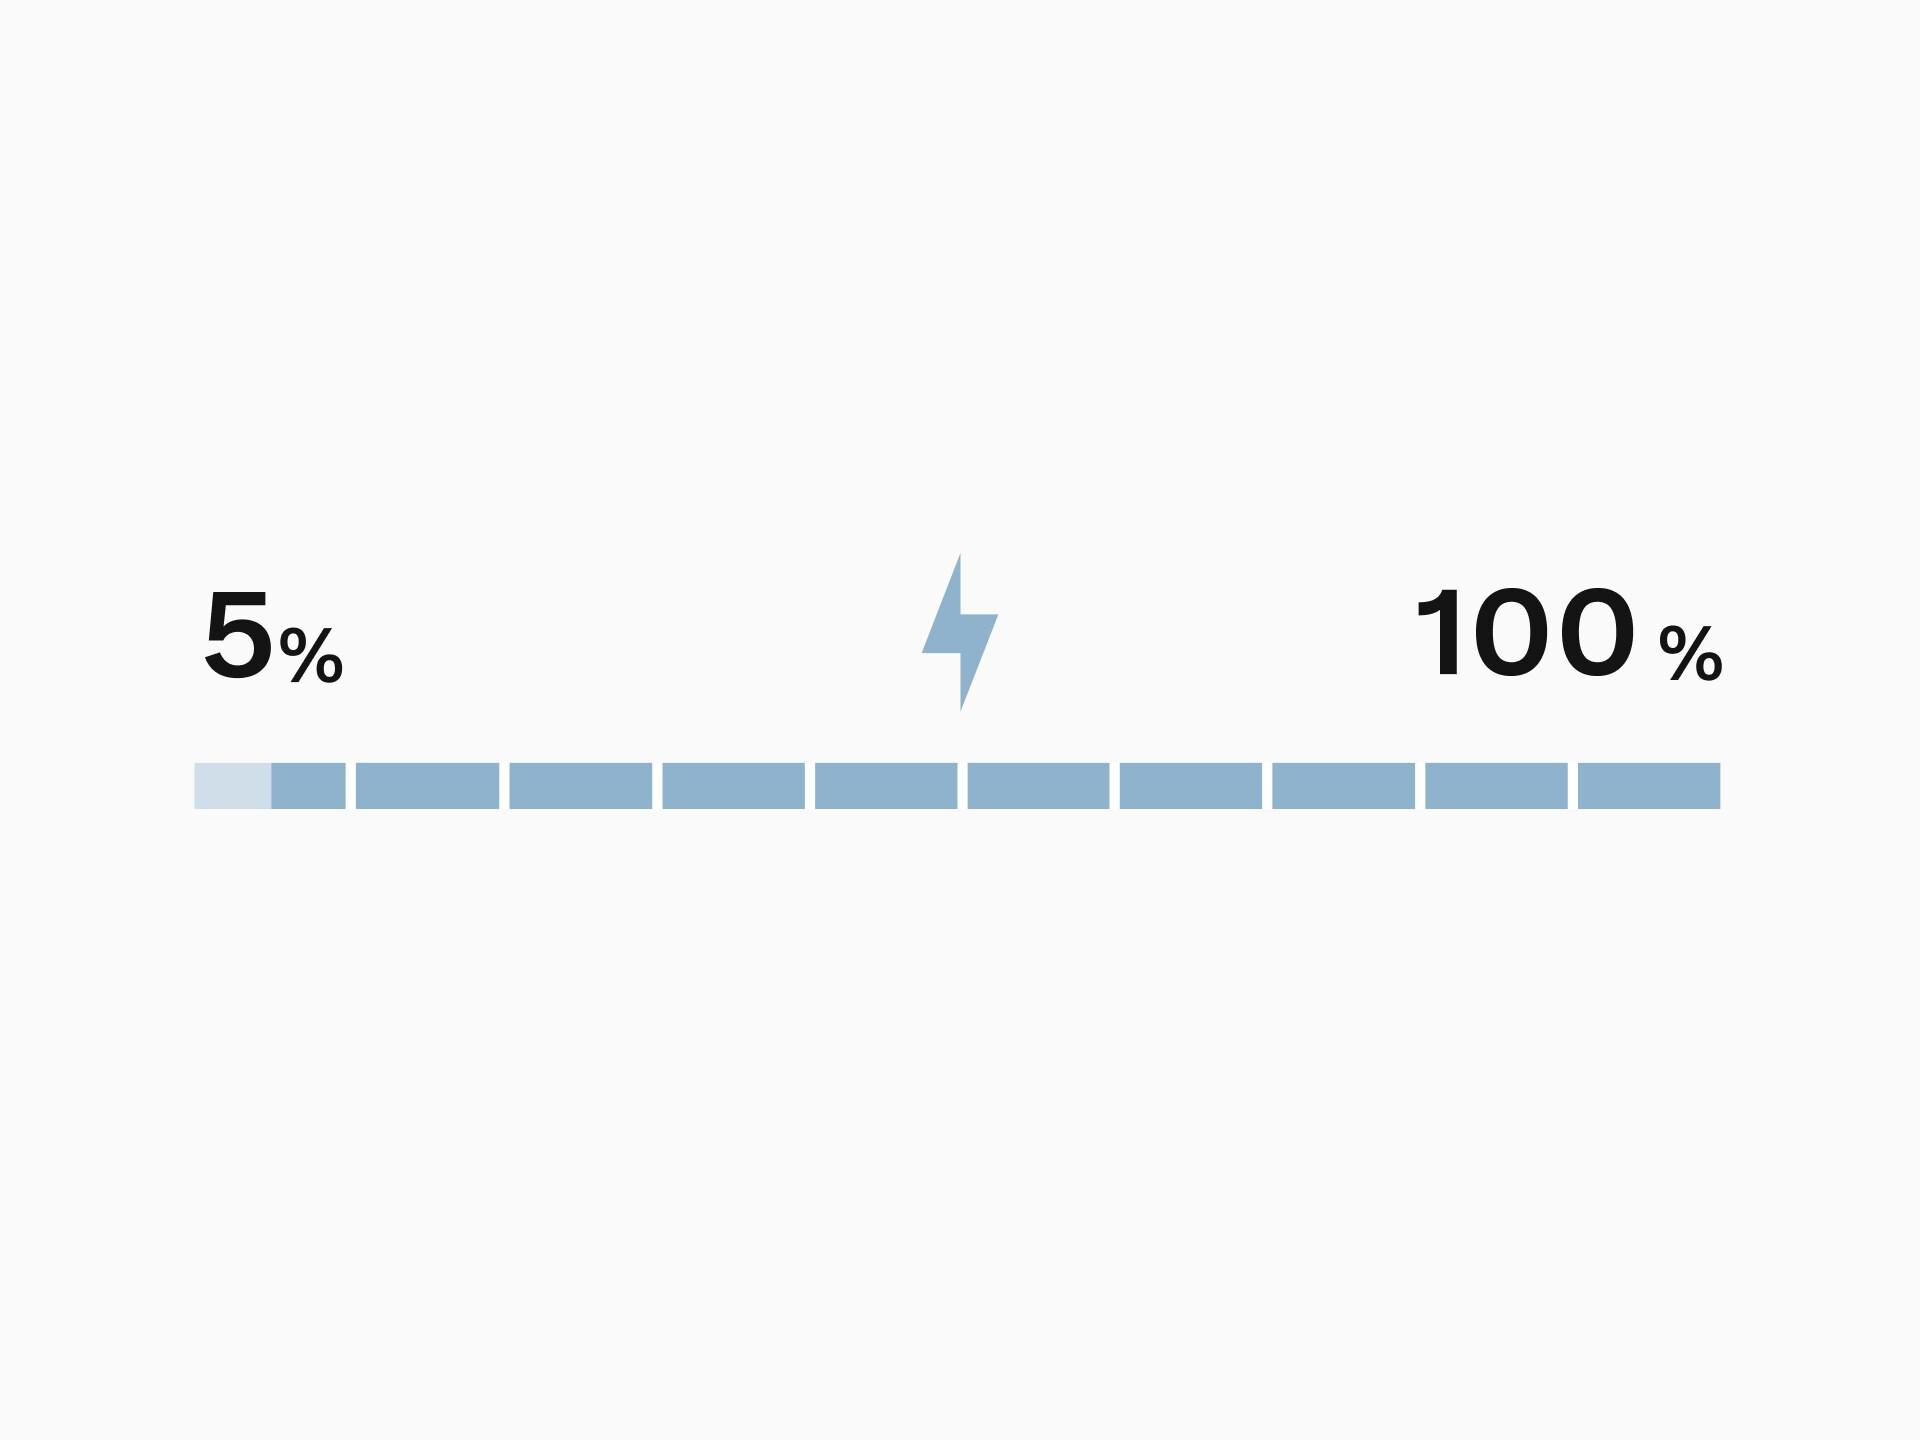 Gráfico de barras del porcentaje de recarga de la batería, resaltado del 5% al 100% para indicar el rango de funcionamiento ideal para una batería híbrida recargable.